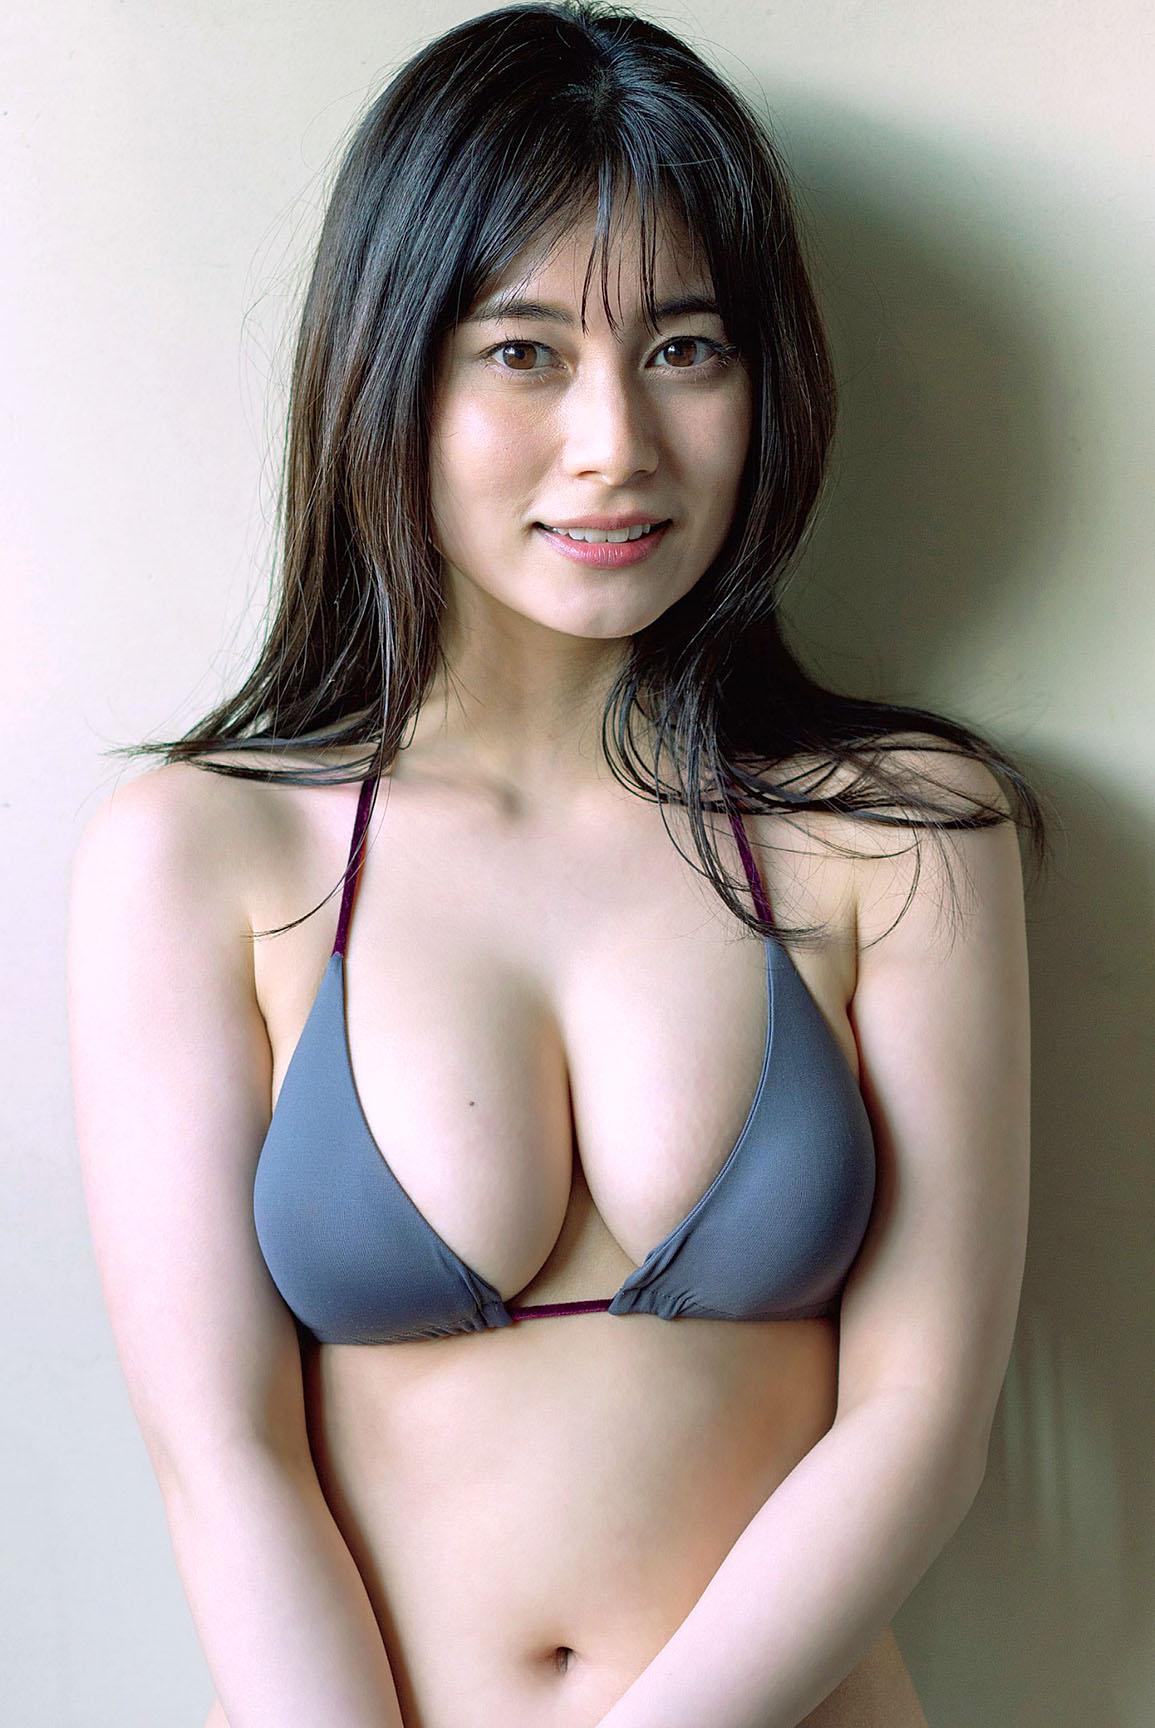 Okubo Sakurako Flash 210223 05.jpg